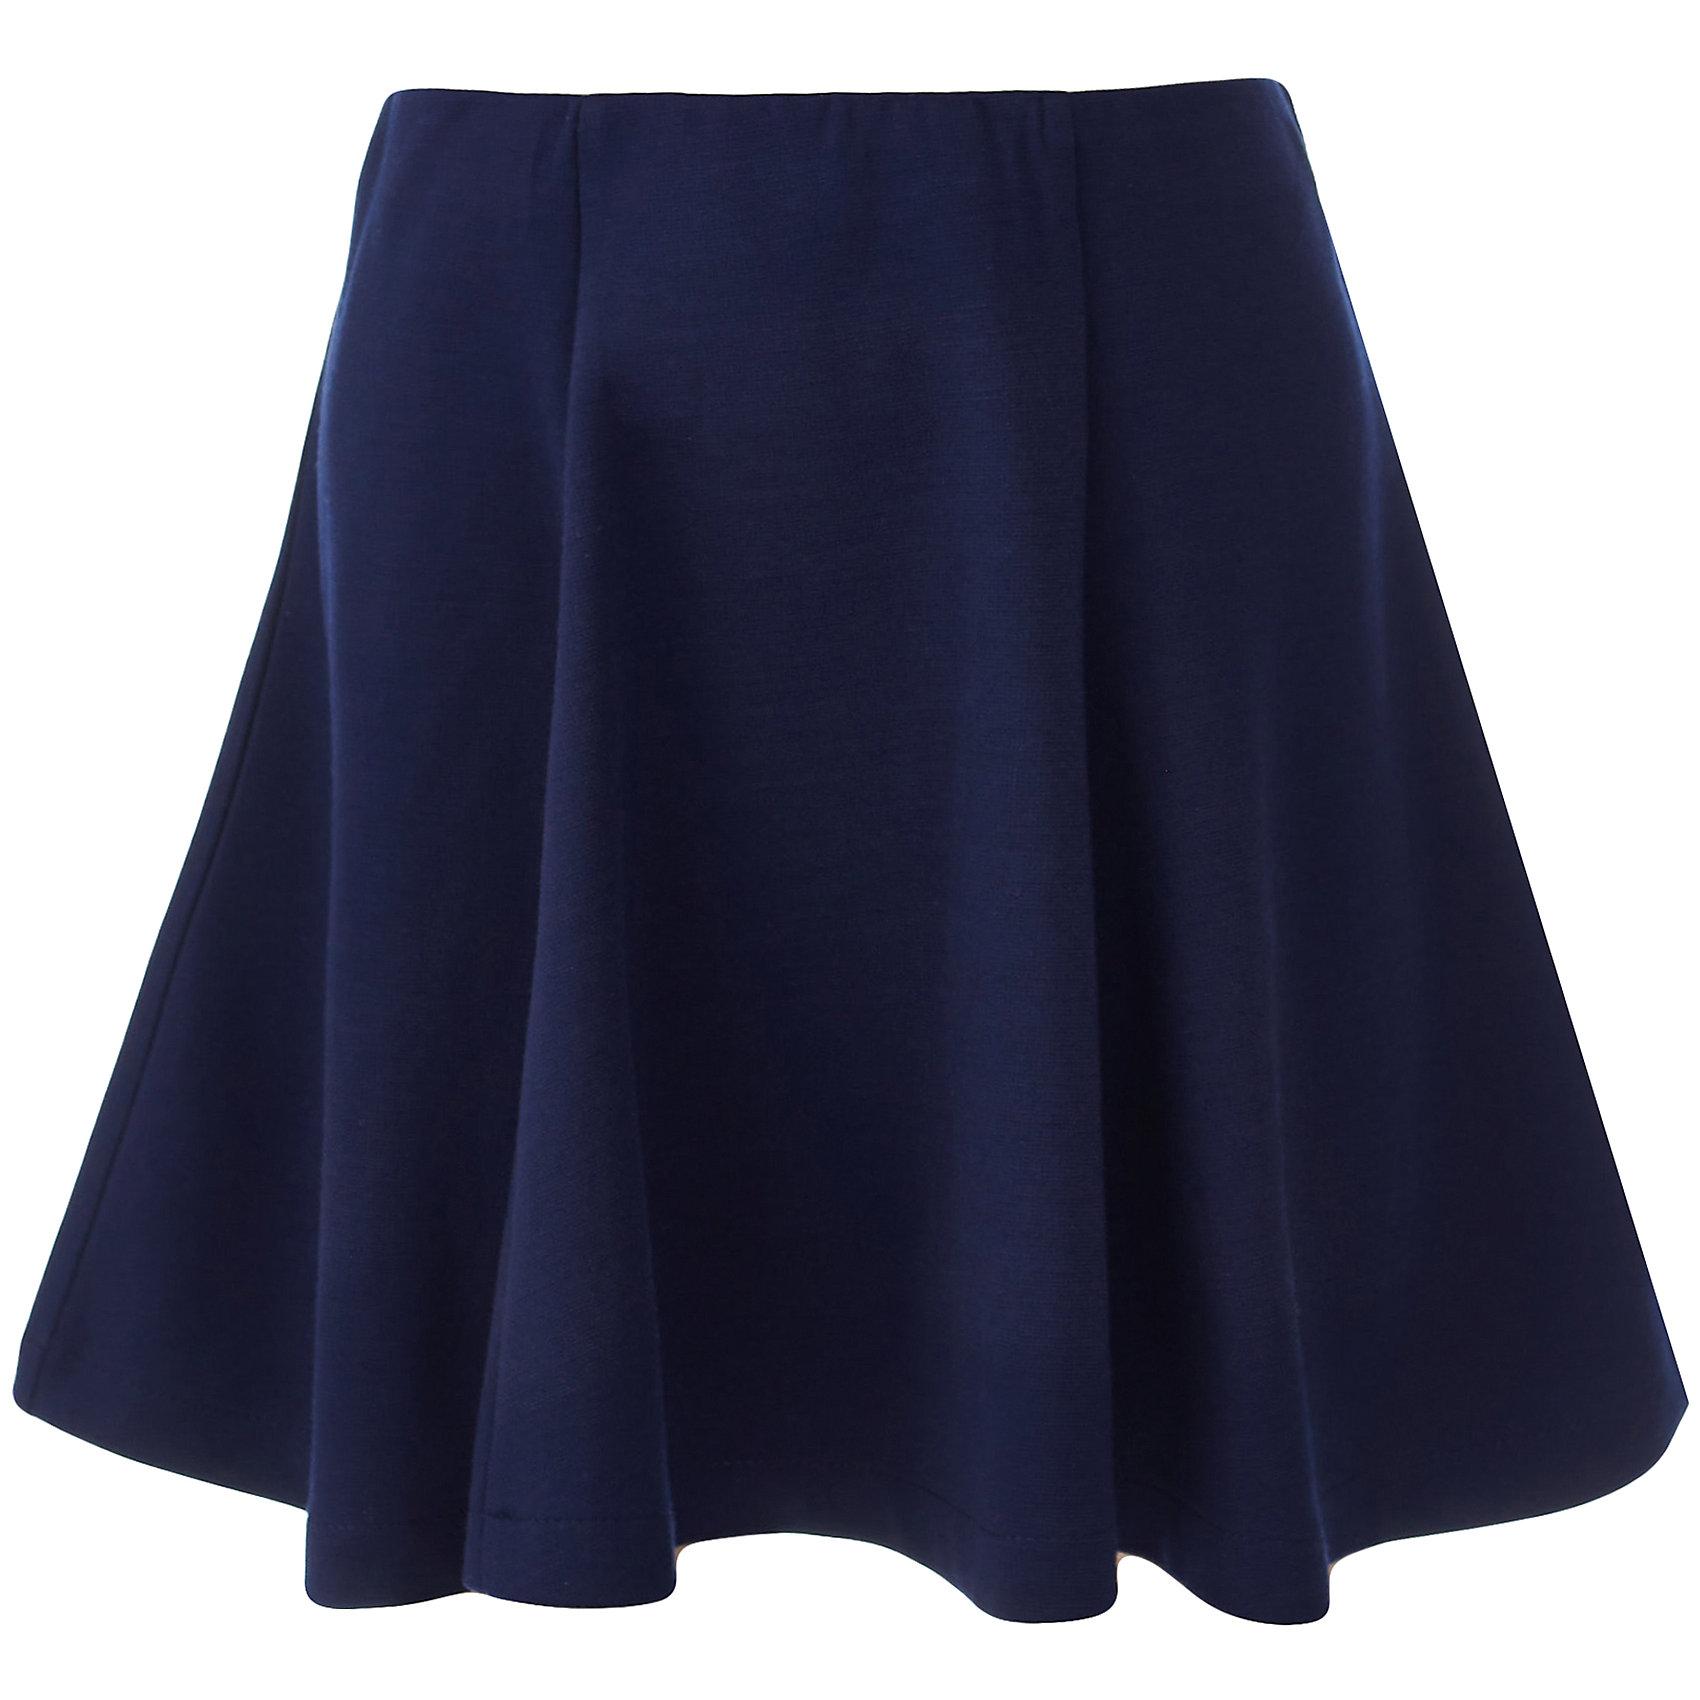 Юбка для девочки BUTTON BLUEЮбки<br>Юбка для девочки BUTTON BLUE<br>Какие юбки для девочек станут основой школьного гардероба? Те, кто уже носил юбку из плотного трикотажа знают: трикотажные школьные юбки - это удобство и свобода движений. Купить школьную юбку от Button Blue, значит, обеспечить ребенку повседневный комфорт.<br>Состав:<br>75% полиэстер, 21% вискоза,             4% эластан<br><br>Ширина мм: 207<br>Глубина мм: 10<br>Высота мм: 189<br>Вес г: 183<br>Цвет: синий<br>Возраст от месяцев: 144<br>Возраст до месяцев: 156<br>Пол: Женский<br>Возраст: Детский<br>Размер: 158,164,122,128,134,140,146,152<br>SKU: 6739438